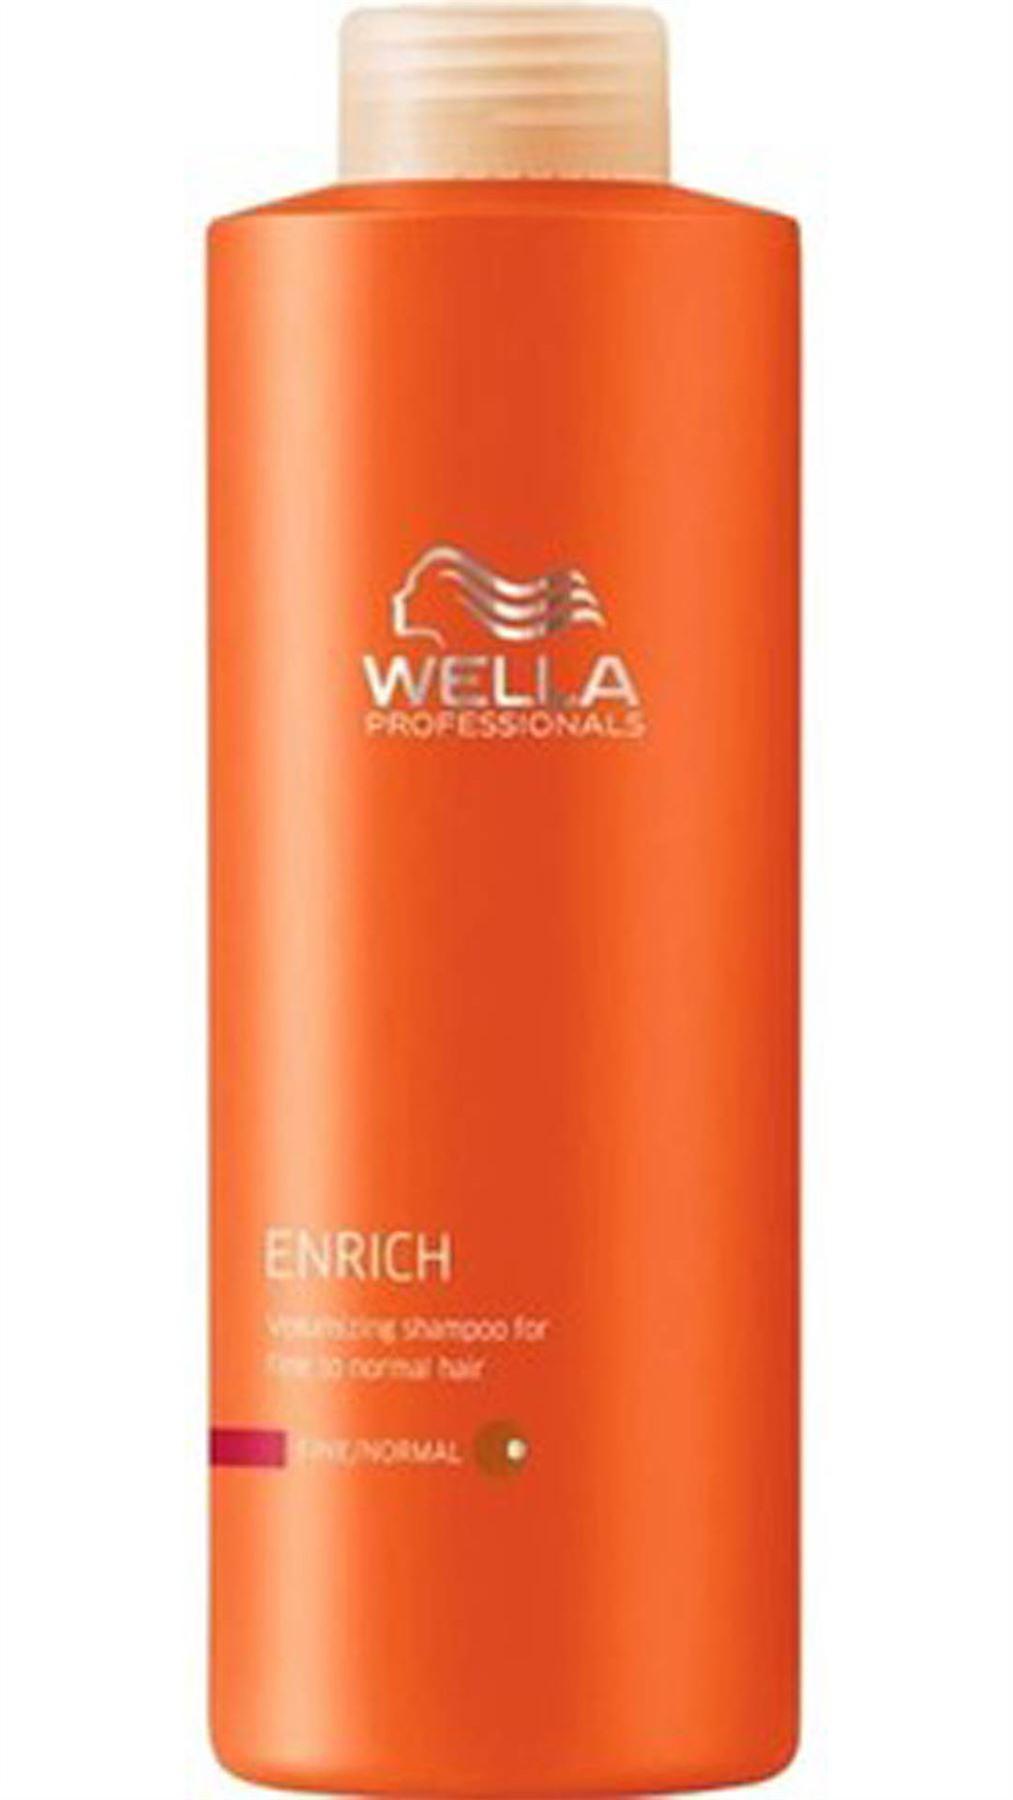 Wella Enrich Moisture Conditioner for Fine Hair 1000ml